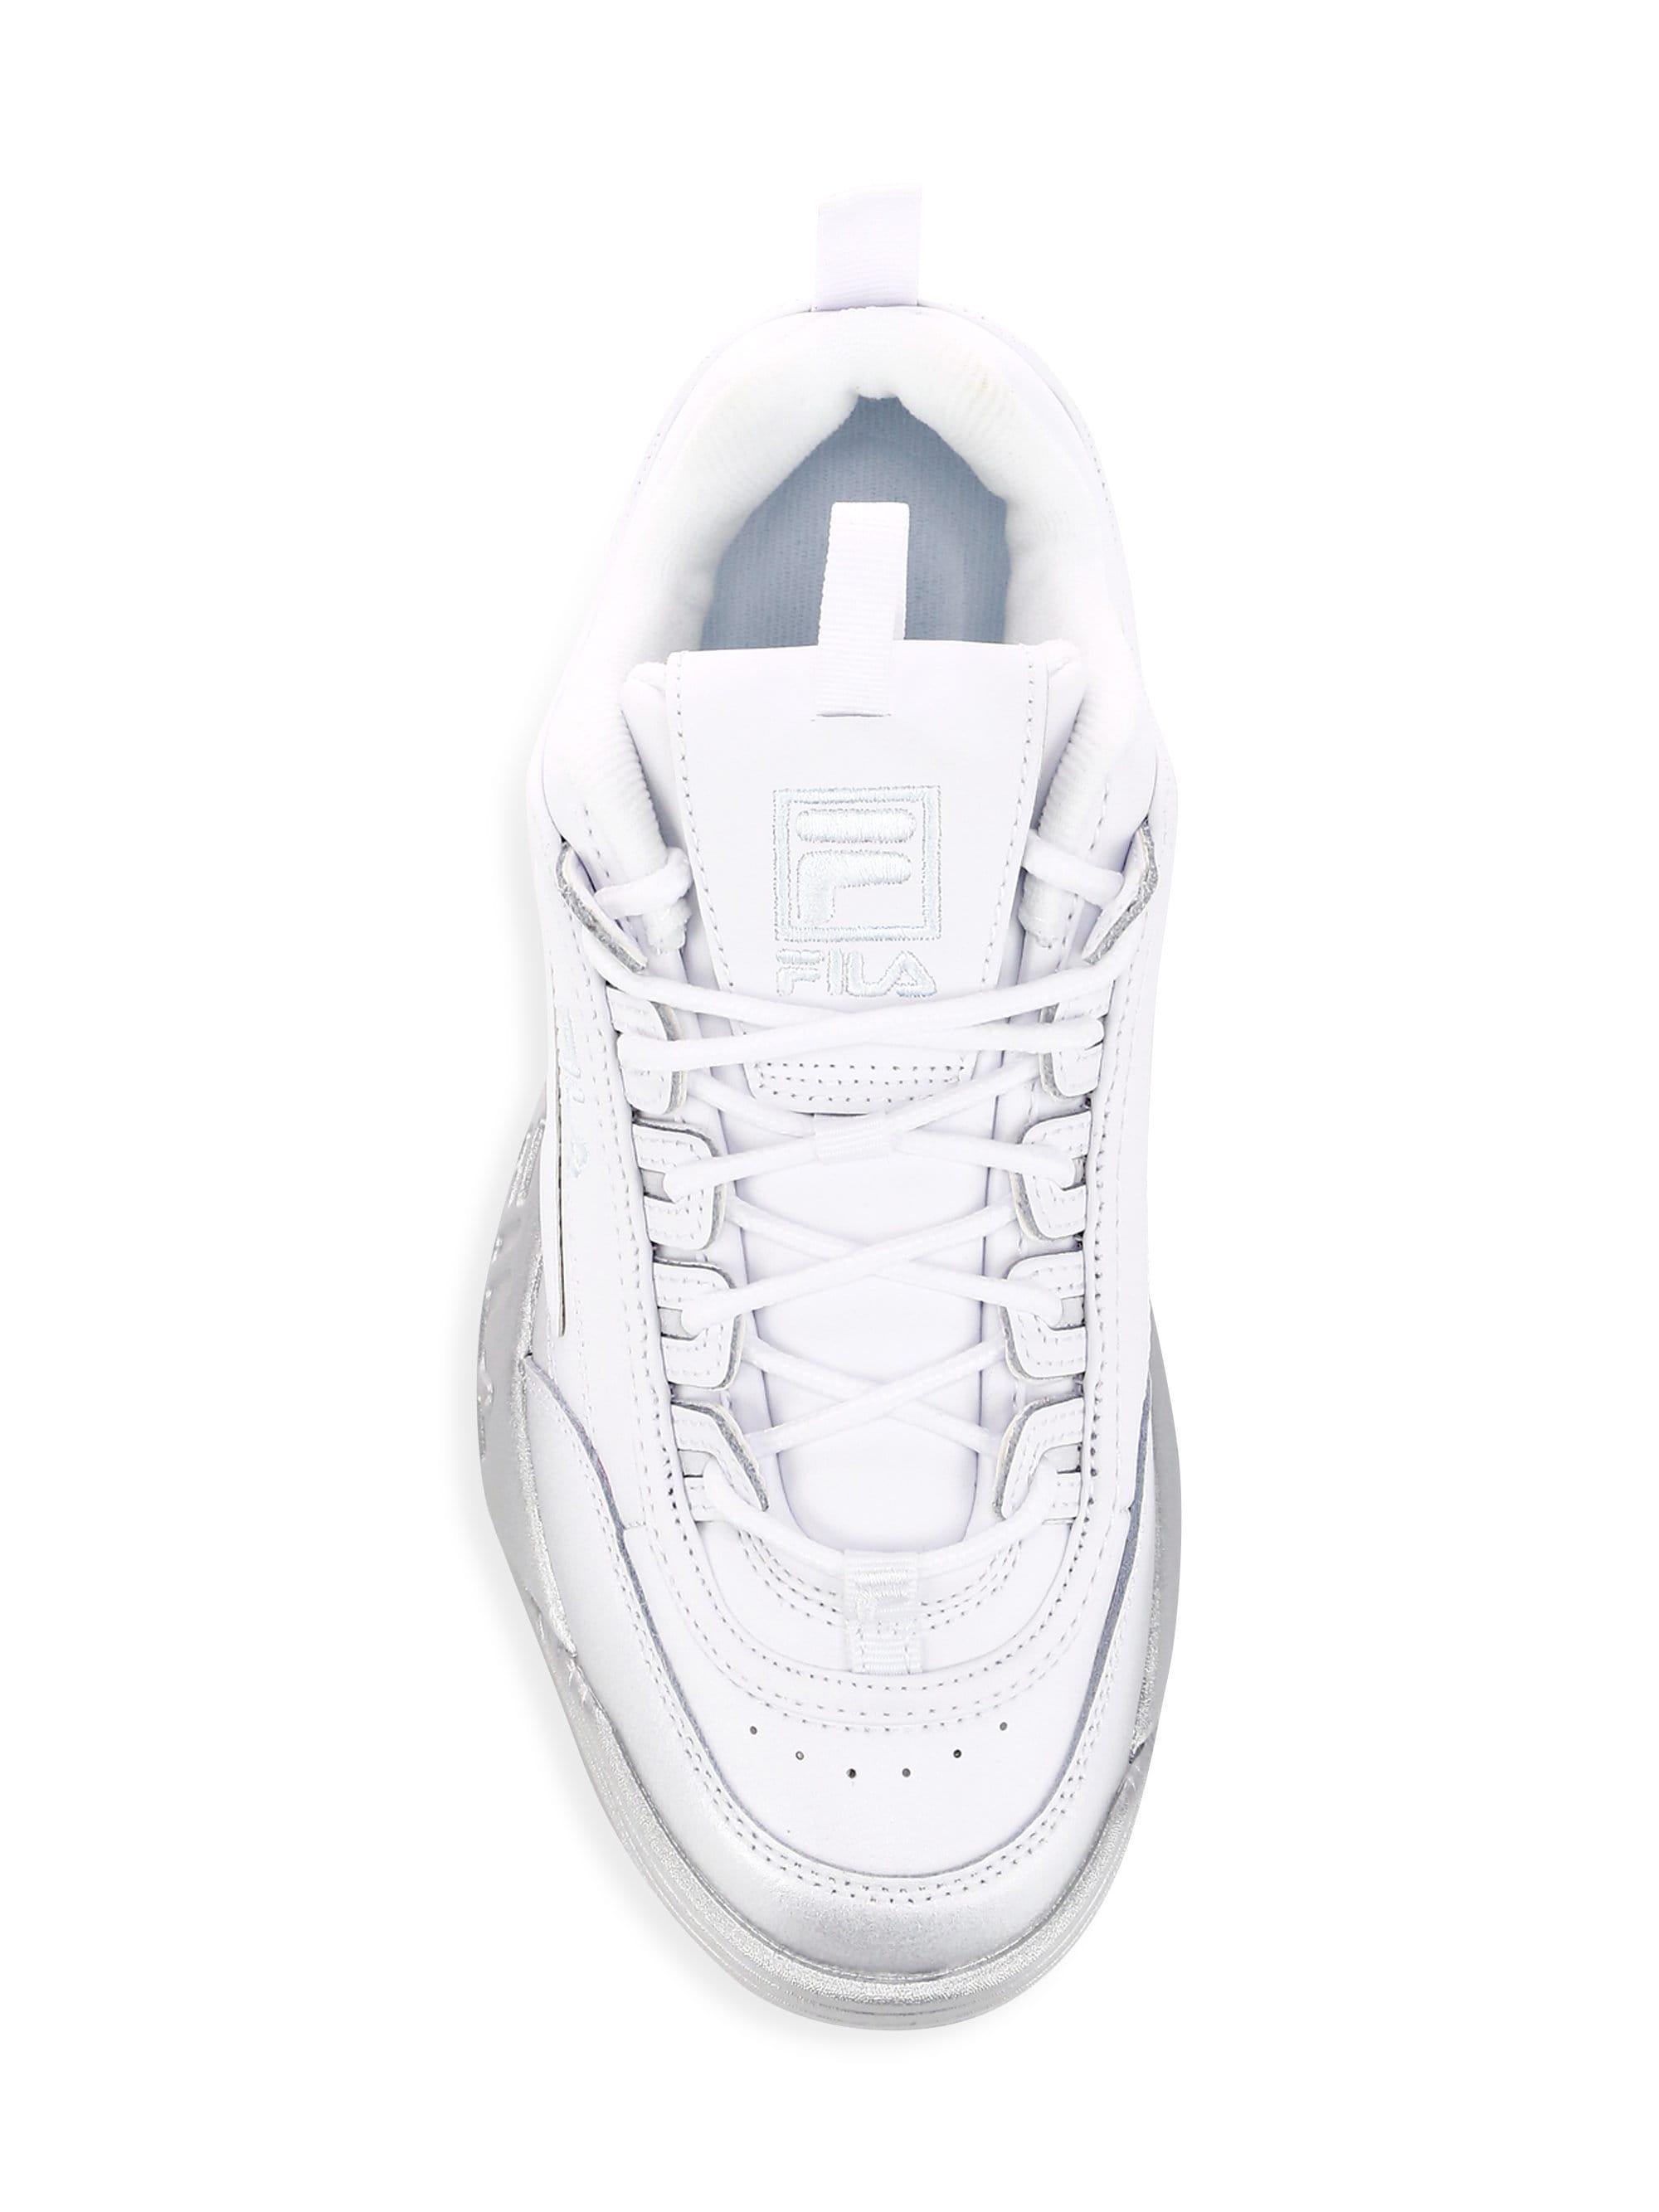 62ca9c03 Fila Women's Disruptor Ii Premium Leather Sneakers - White in White ...